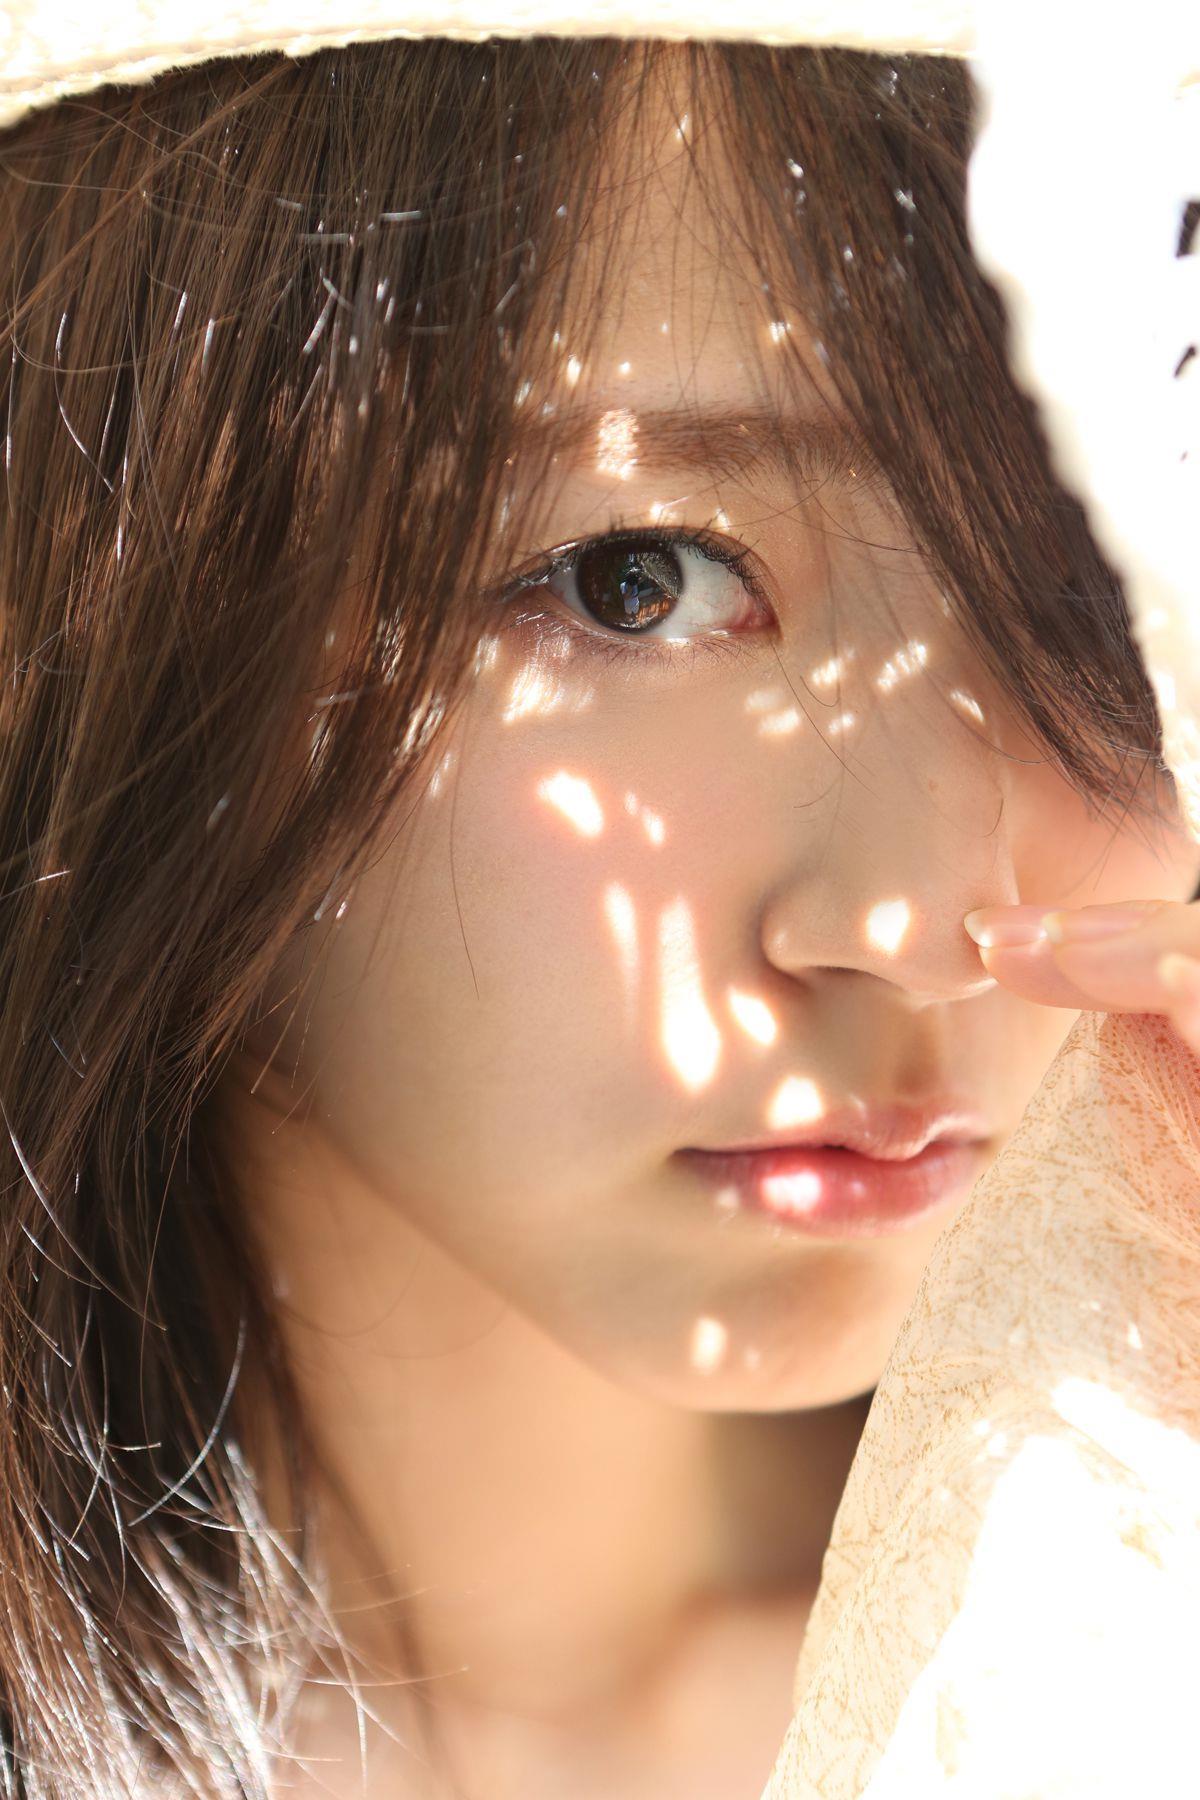 鈴木愛理(℃-ute) 画像 5